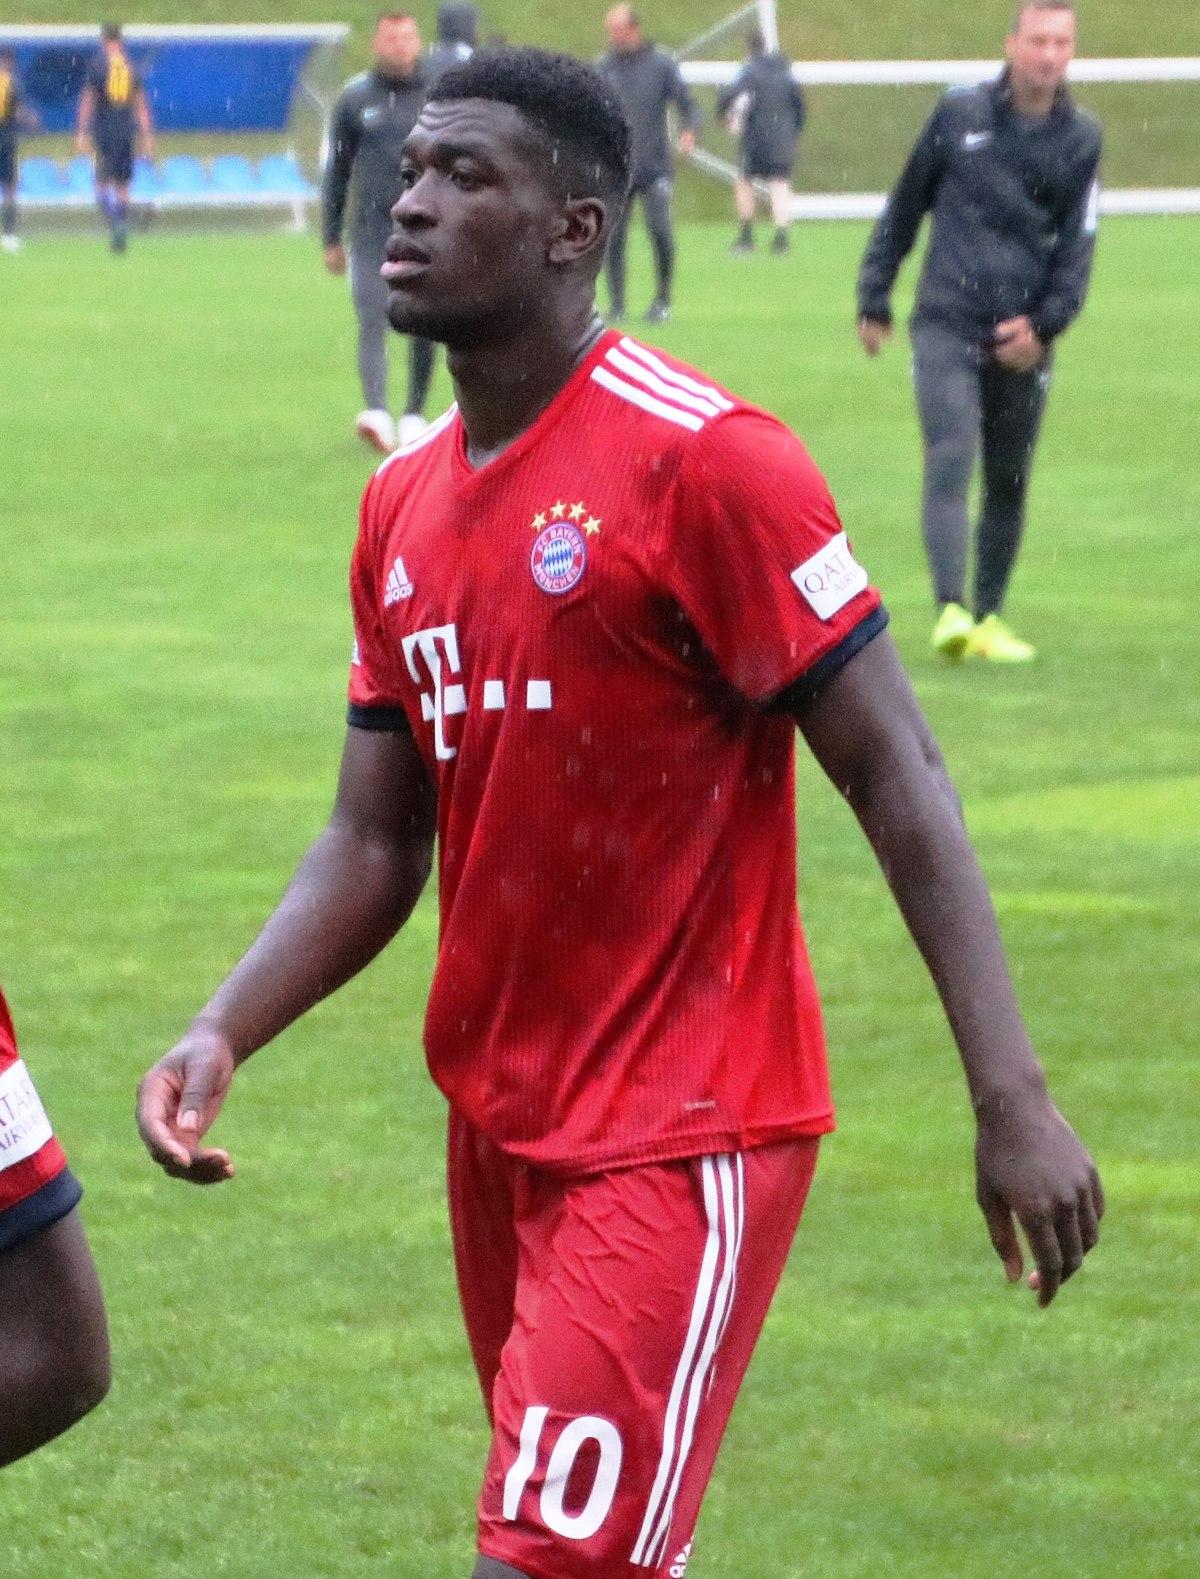 Kwasi Okyere Wriedt